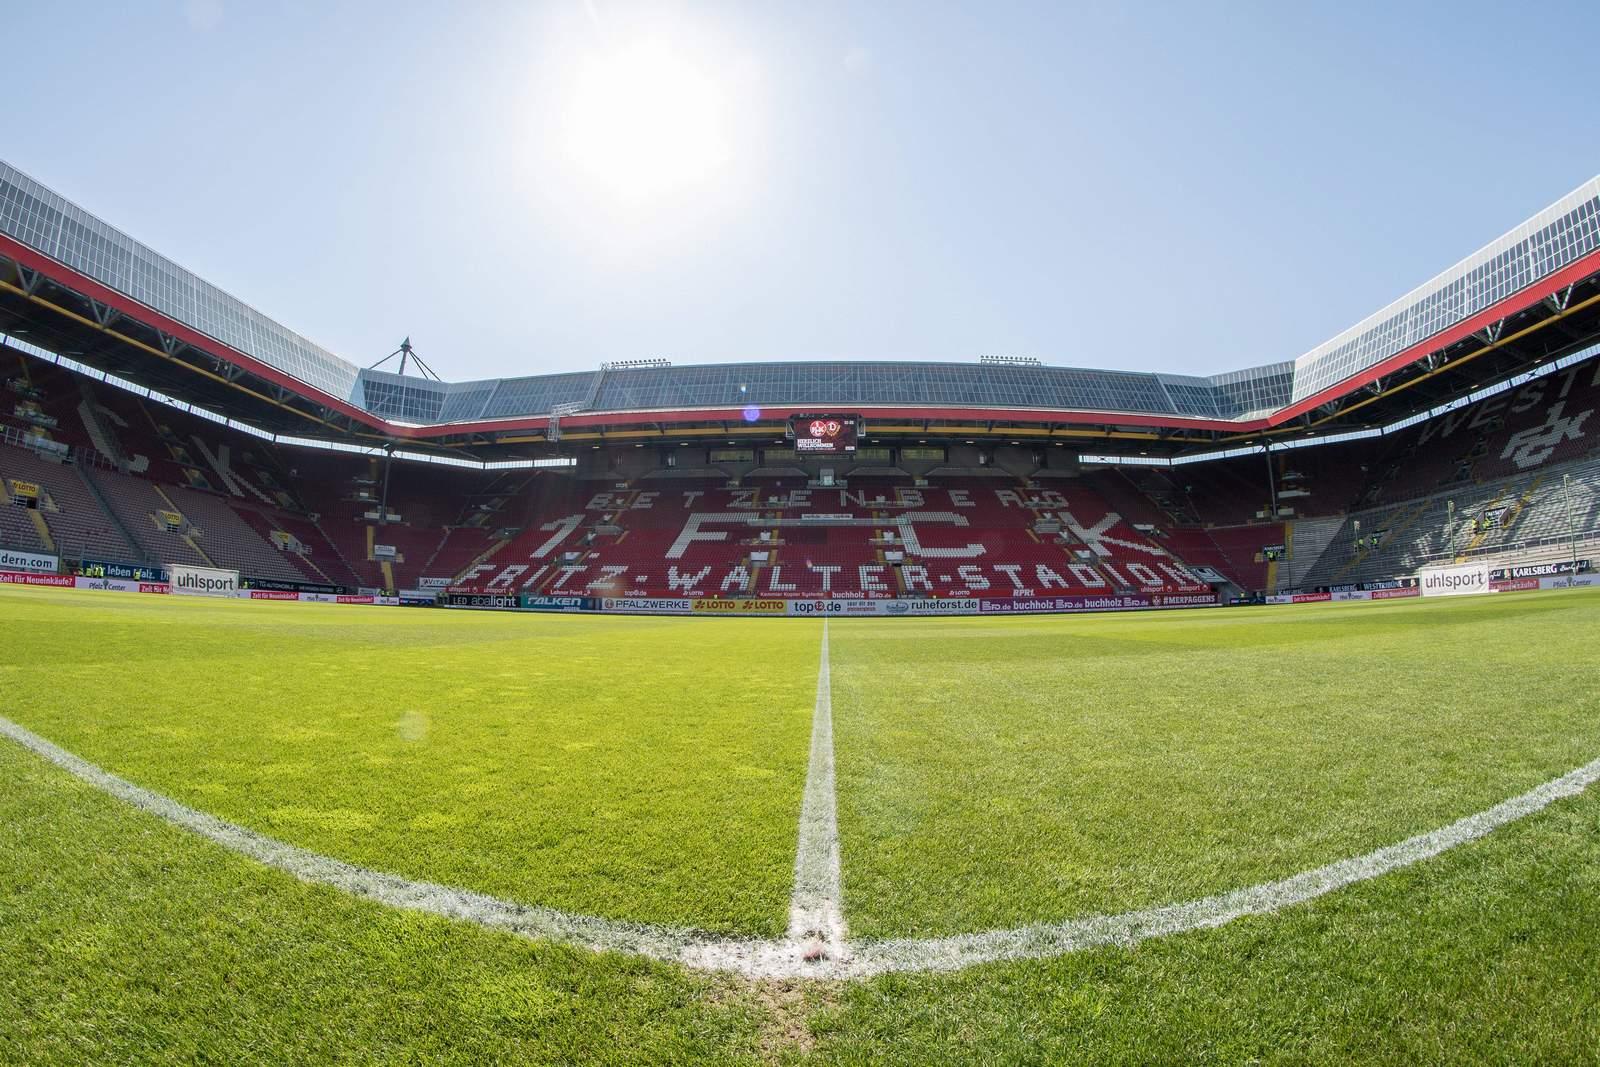 Der Betzenberg, das Stadion des 1. FC Kaiserslautern